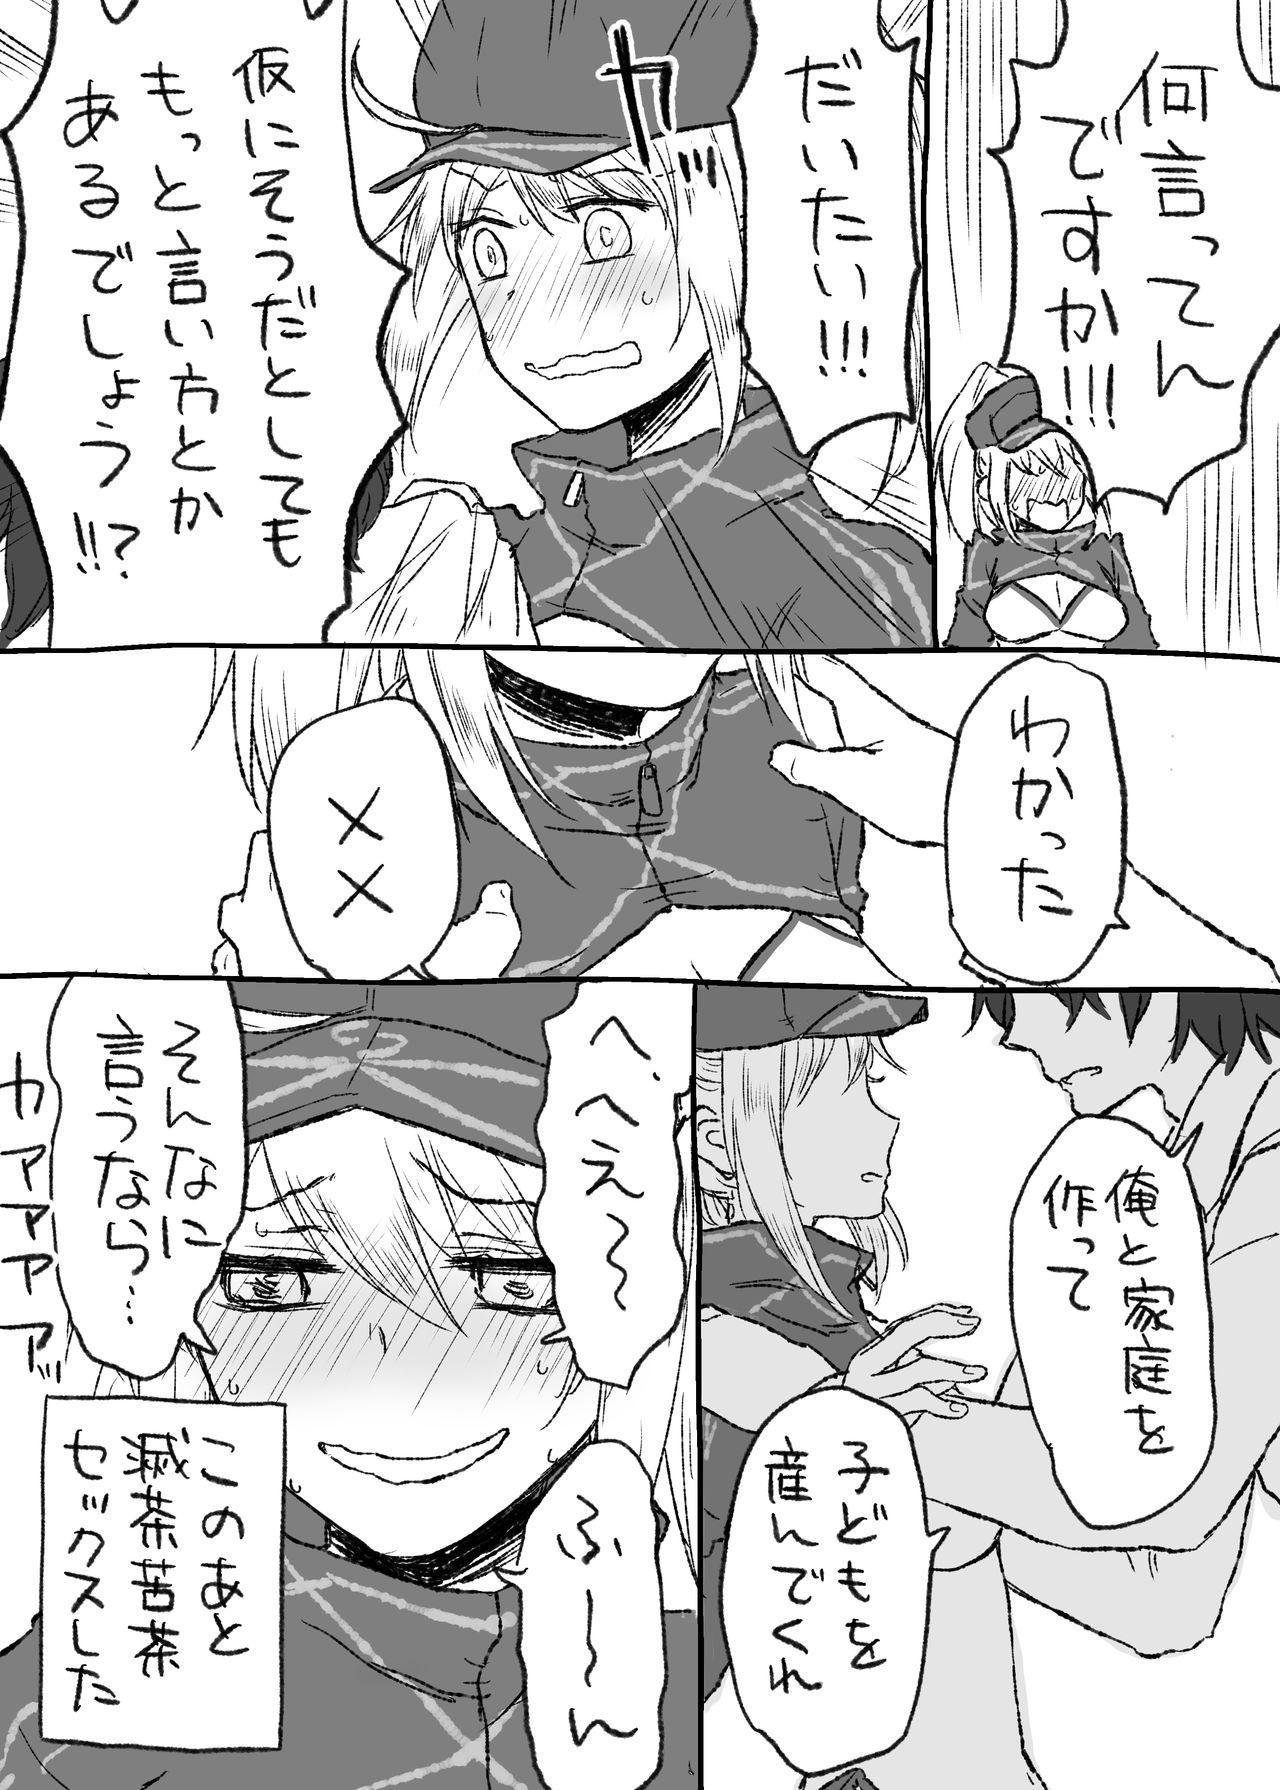 Uchi no Servant ni Haramasex shitaitte Itte mita 46